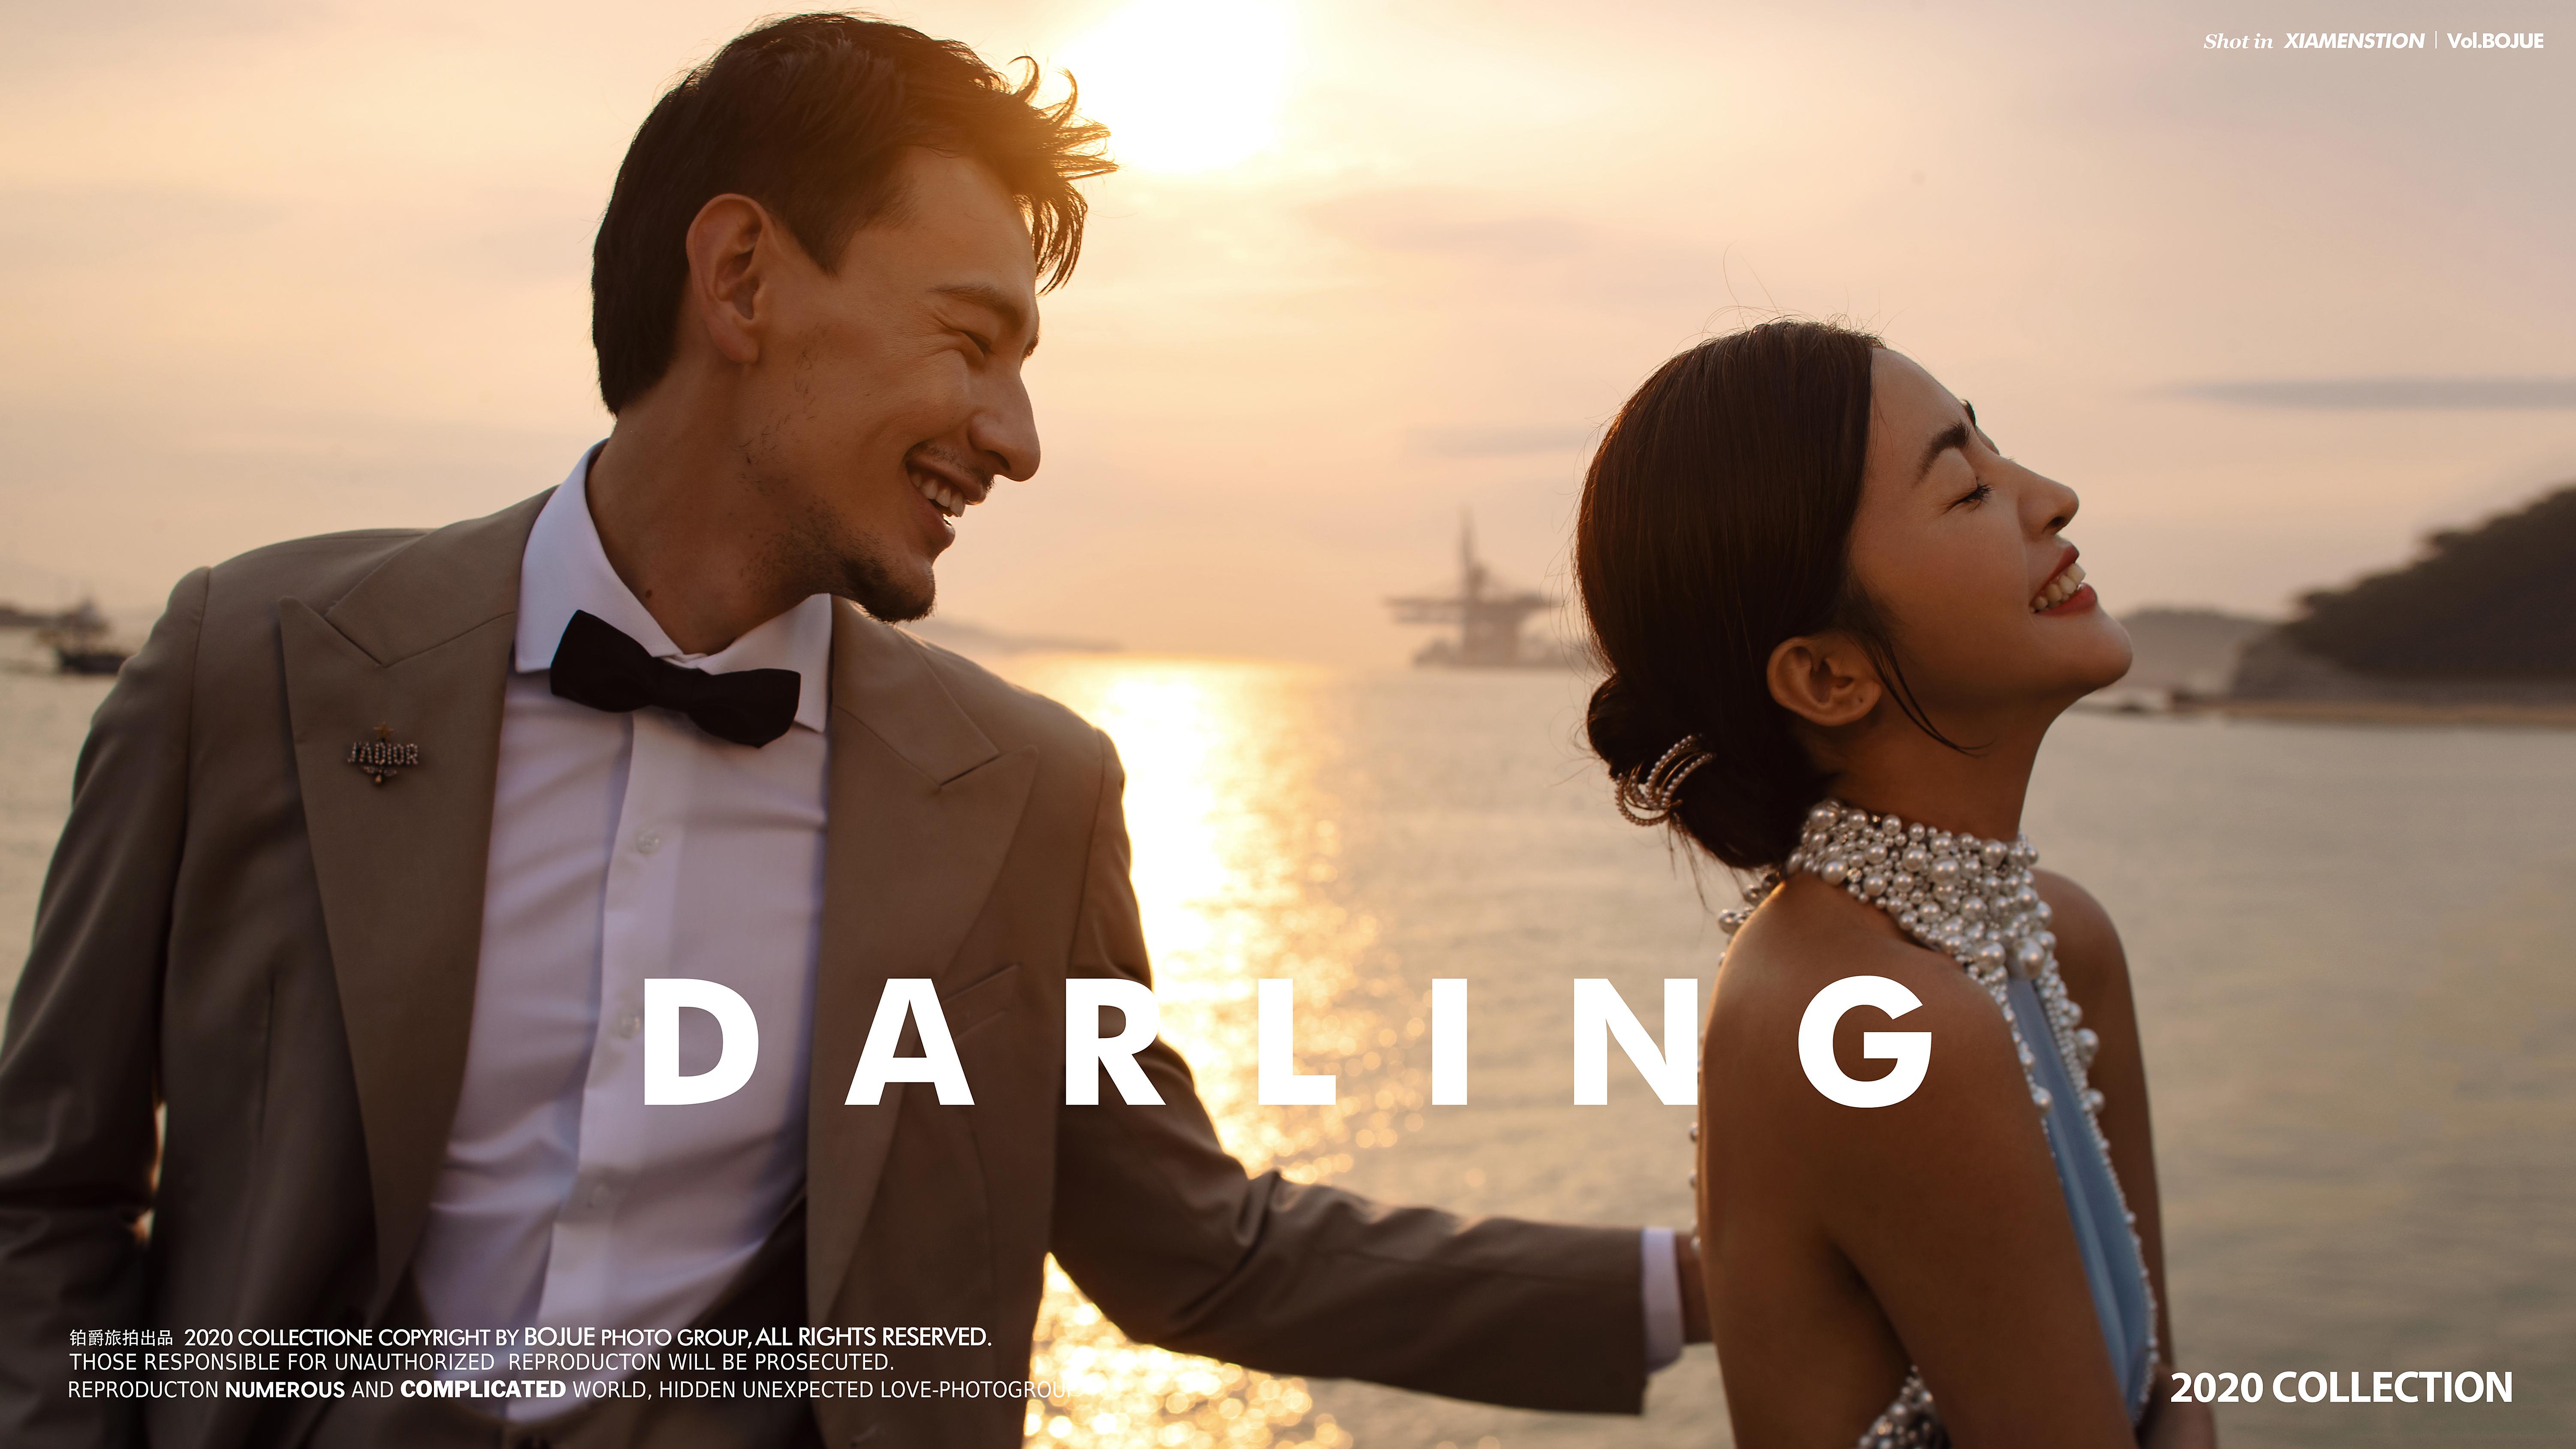 旅游拍婚纱照有哪些风格 厦门旅游婚纱照攻略有哪些